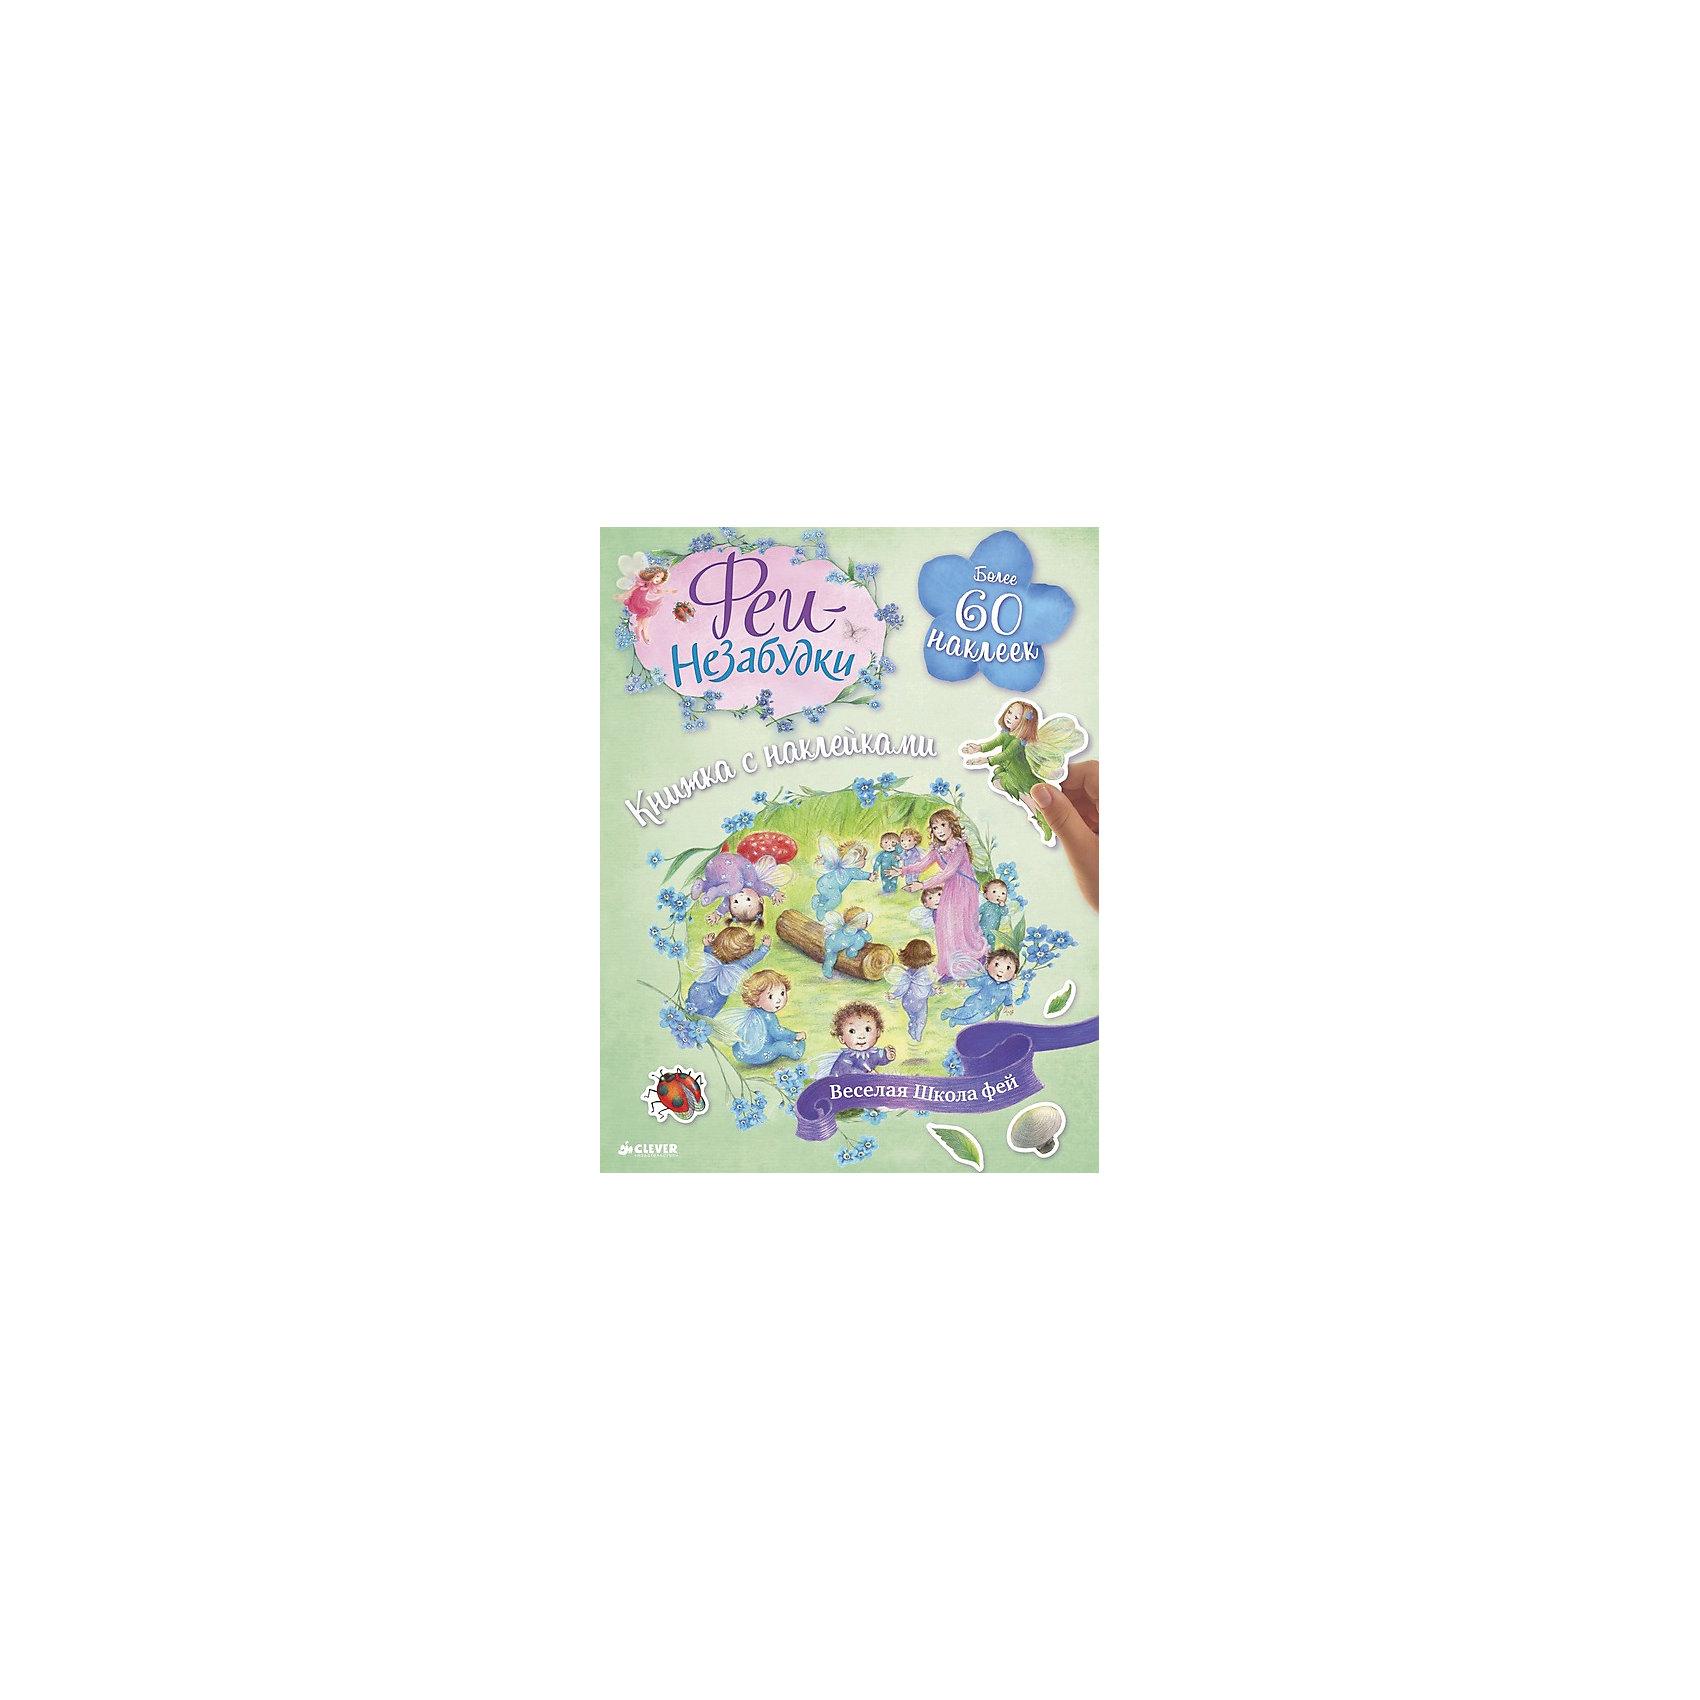 Clever Книжка с наклейками Веселая школа фей clever книжка творческие задания животные 23 пошаговых урока